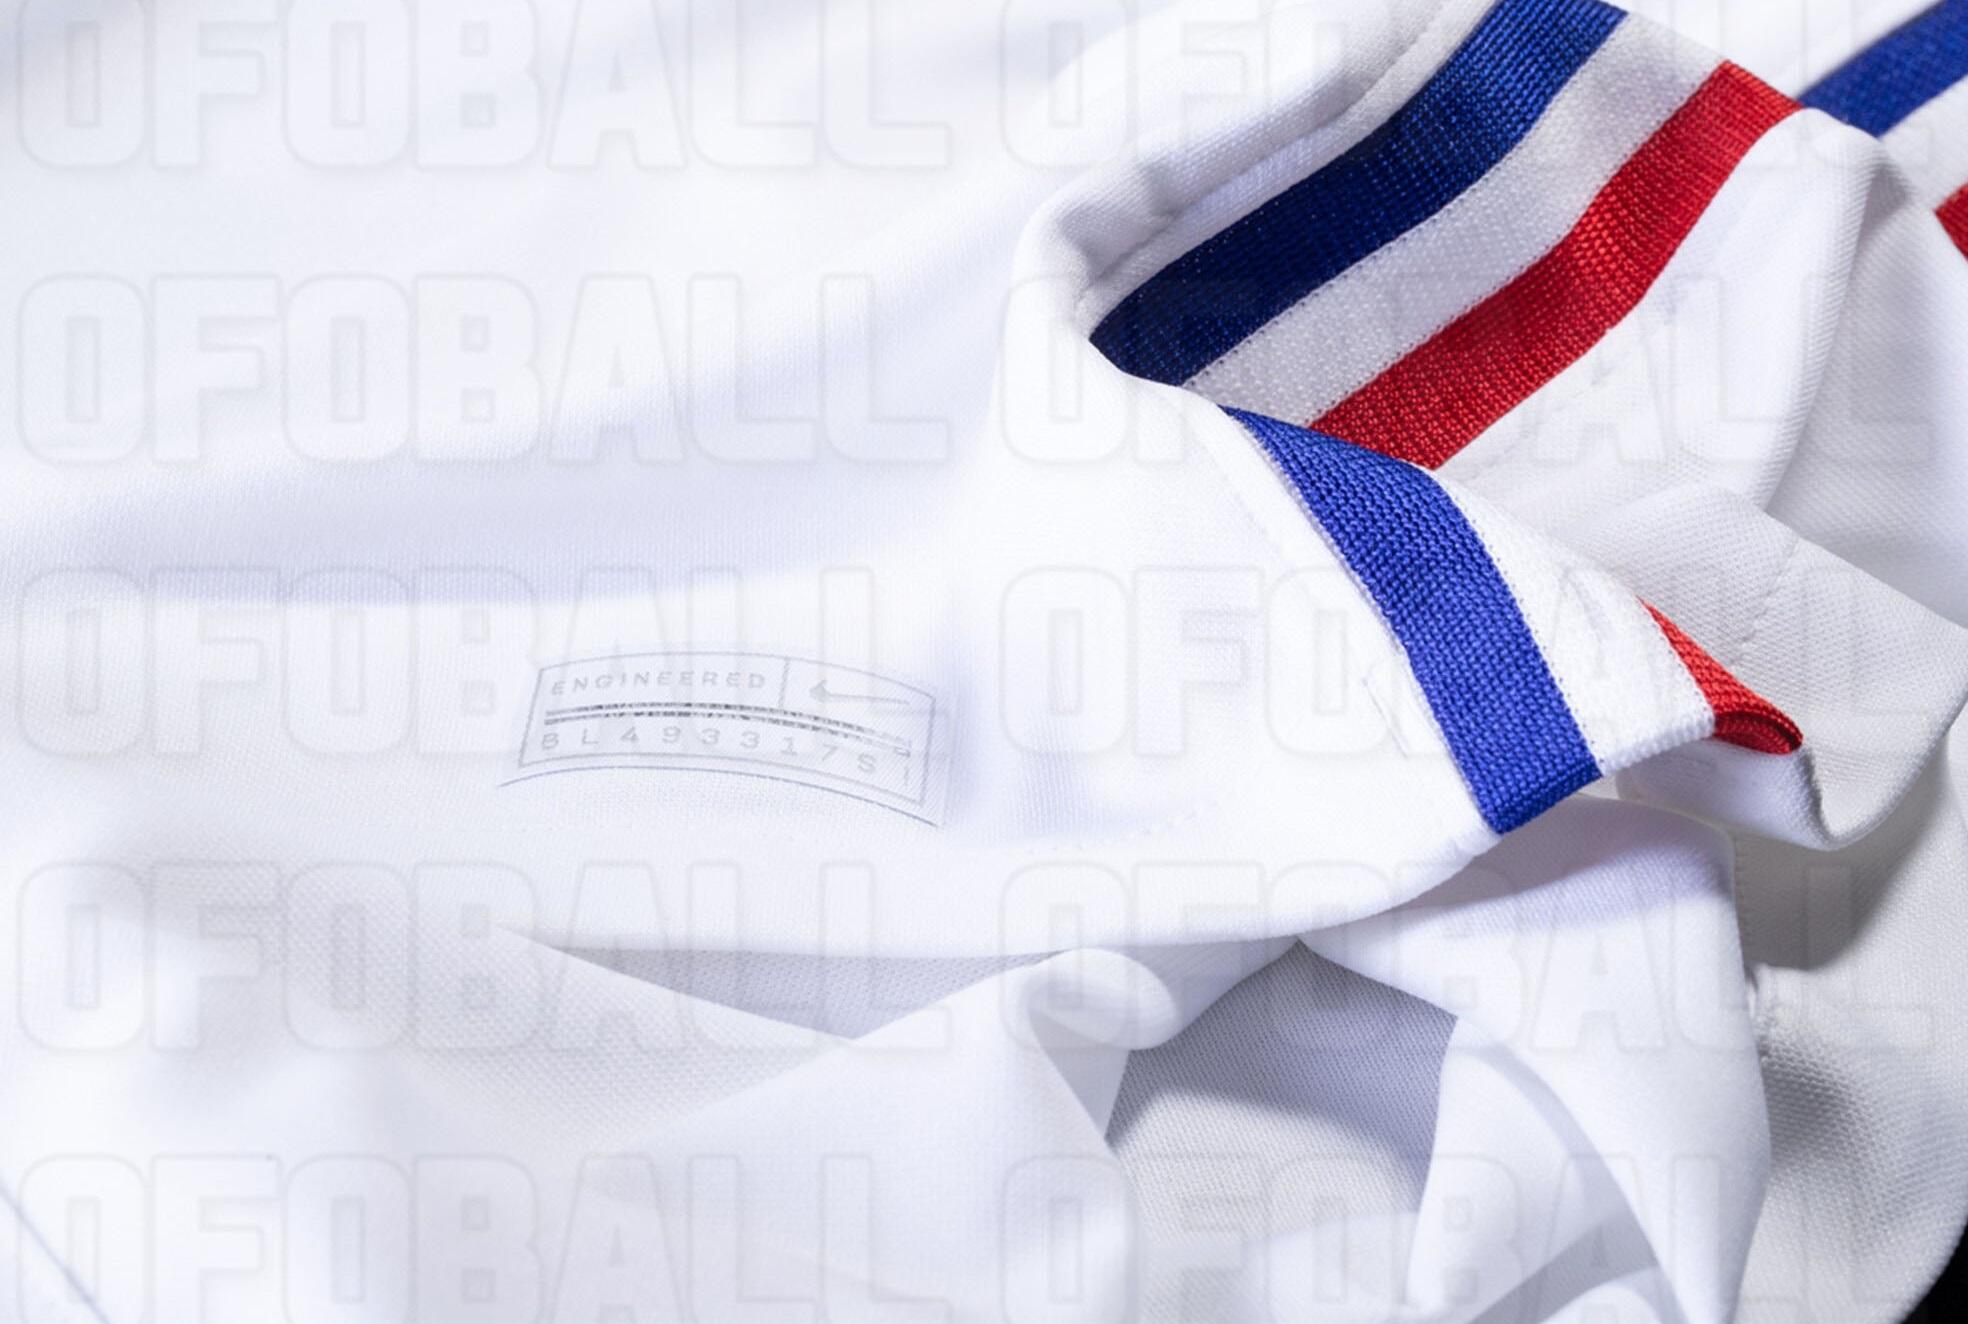 Bande tricolore cote maillot exterieur